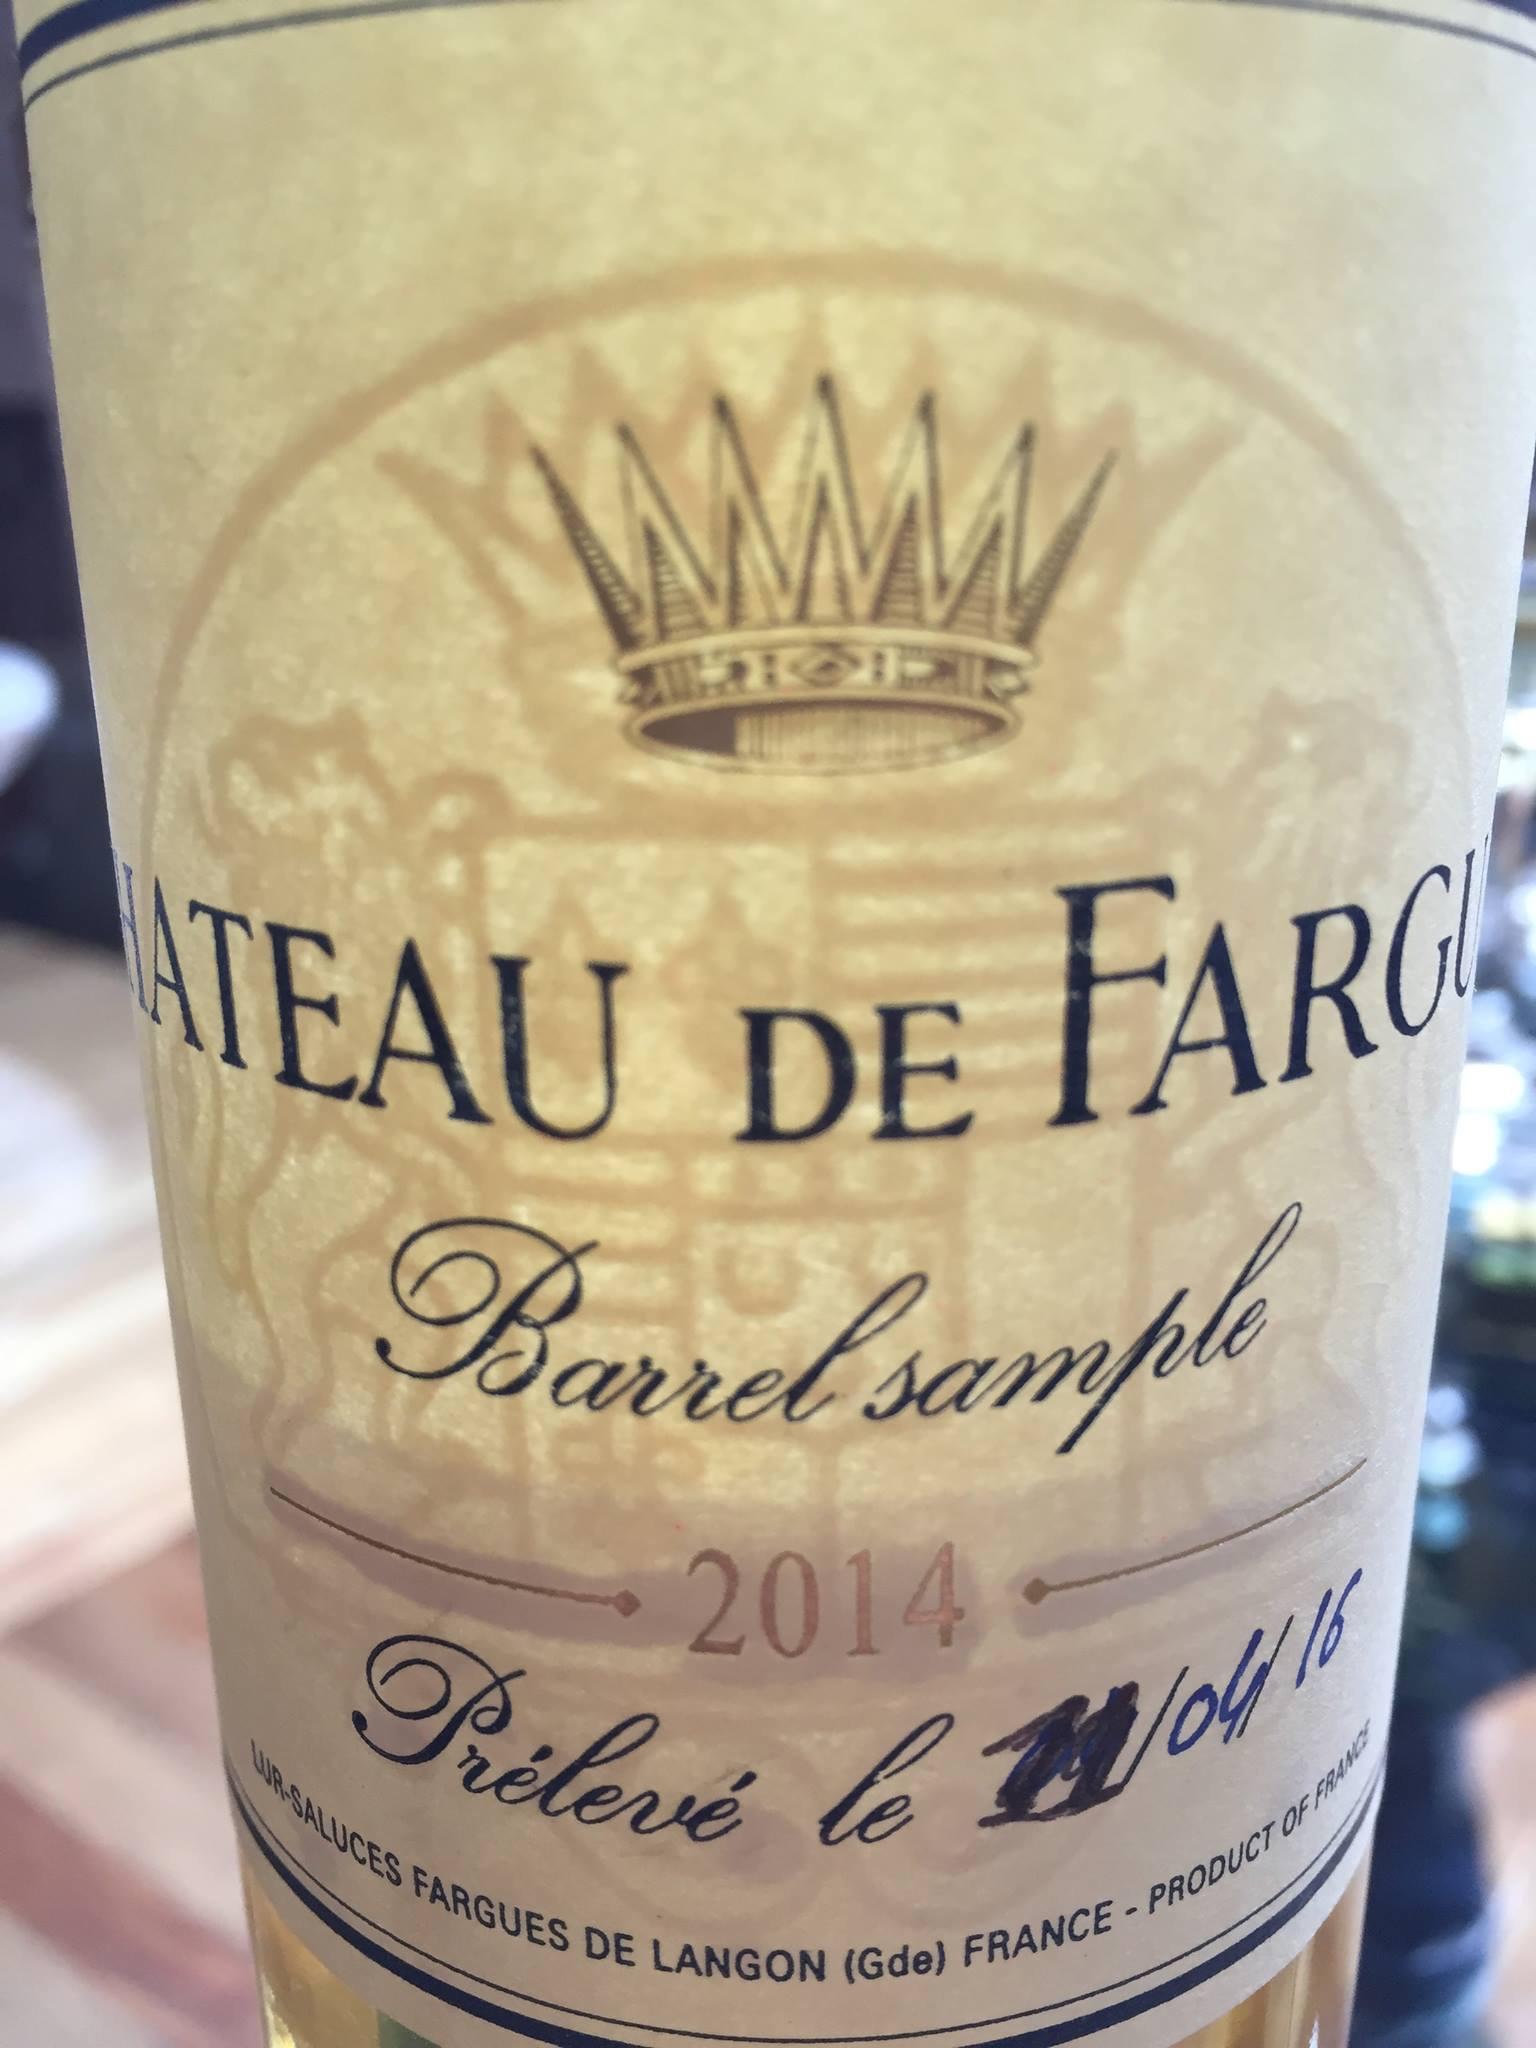 Château de Fargue 2014 – Sauternes